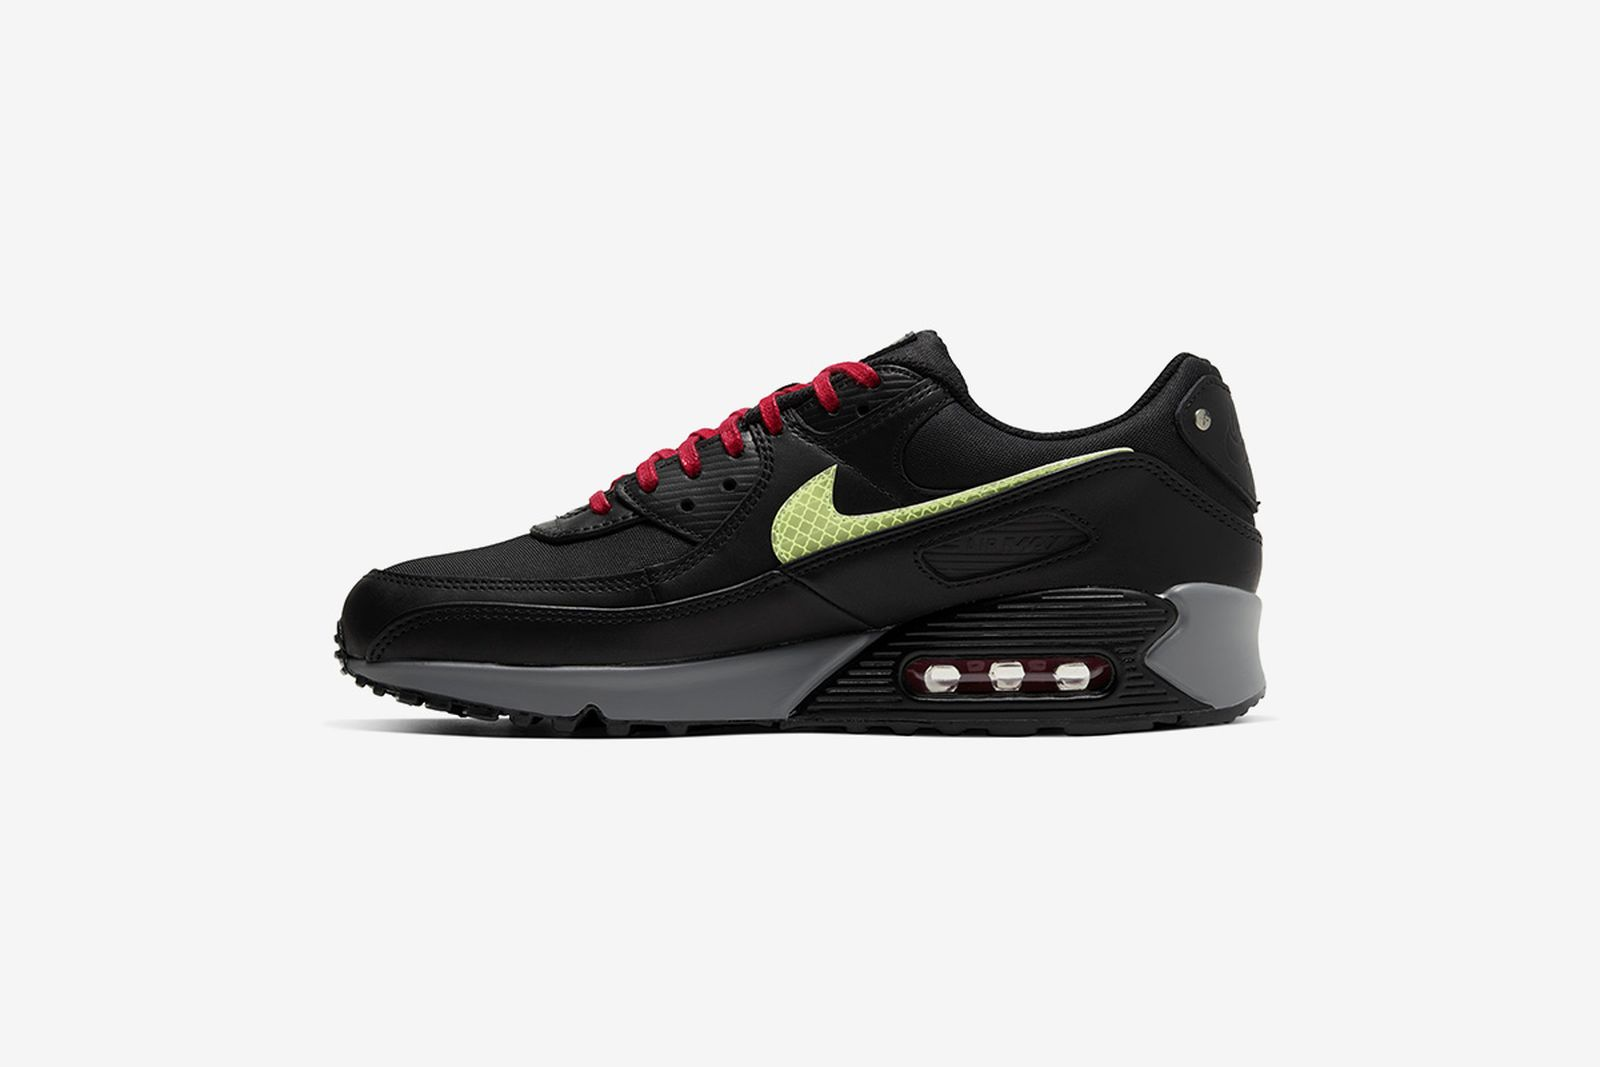 Nike Air Max 90 City Pack